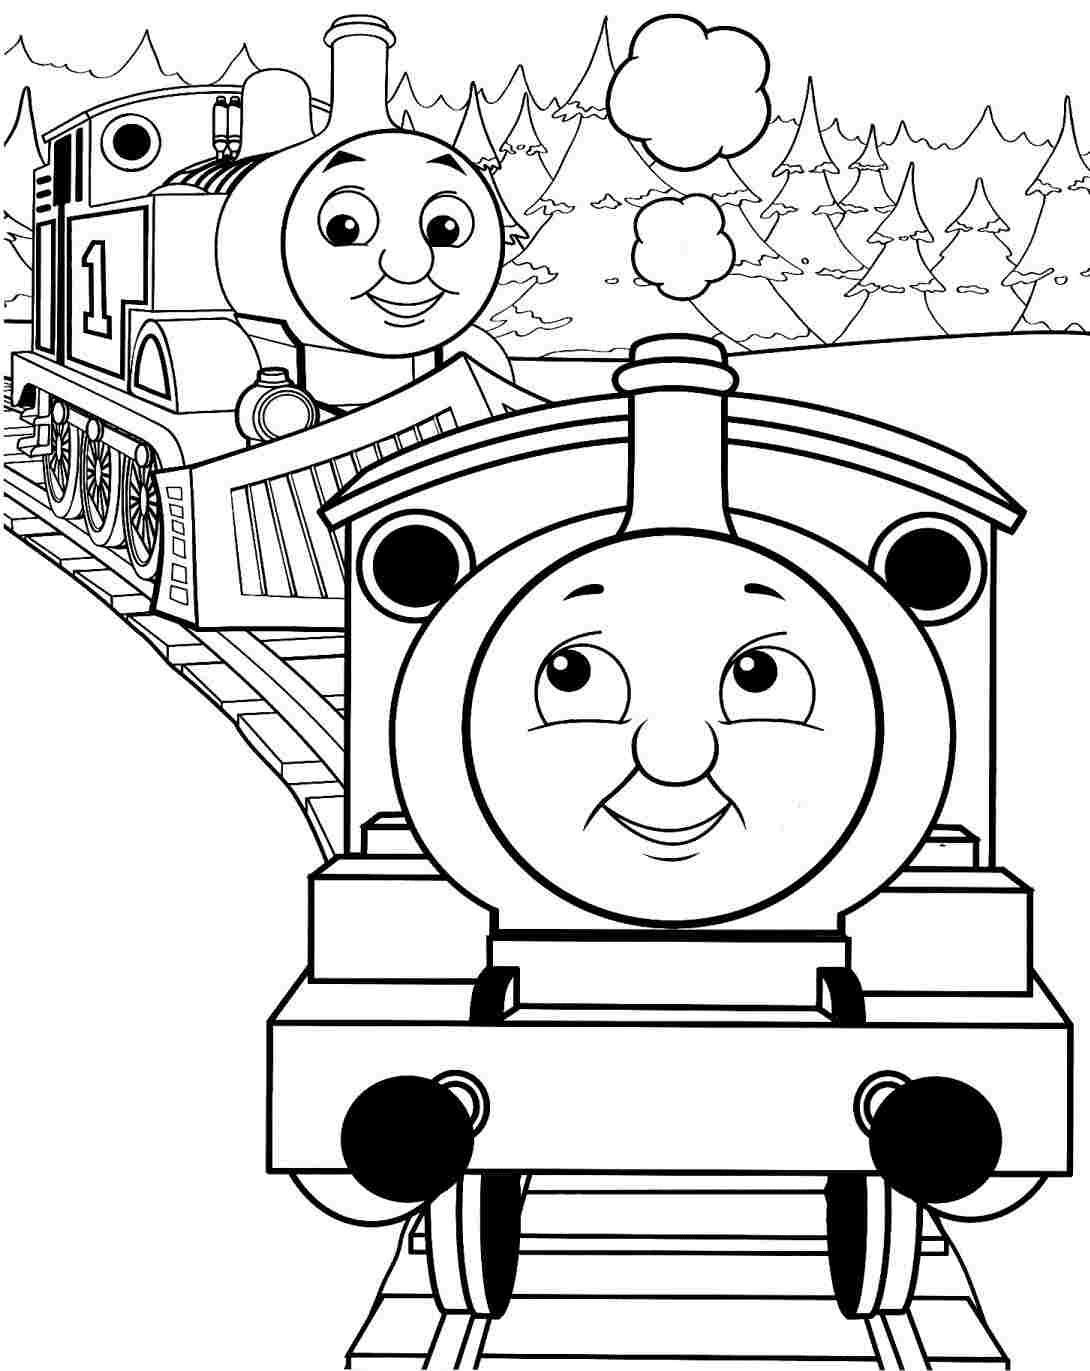 164 Gambar Sketsa Mewarnai Untuk Anak Sd Kelas 1